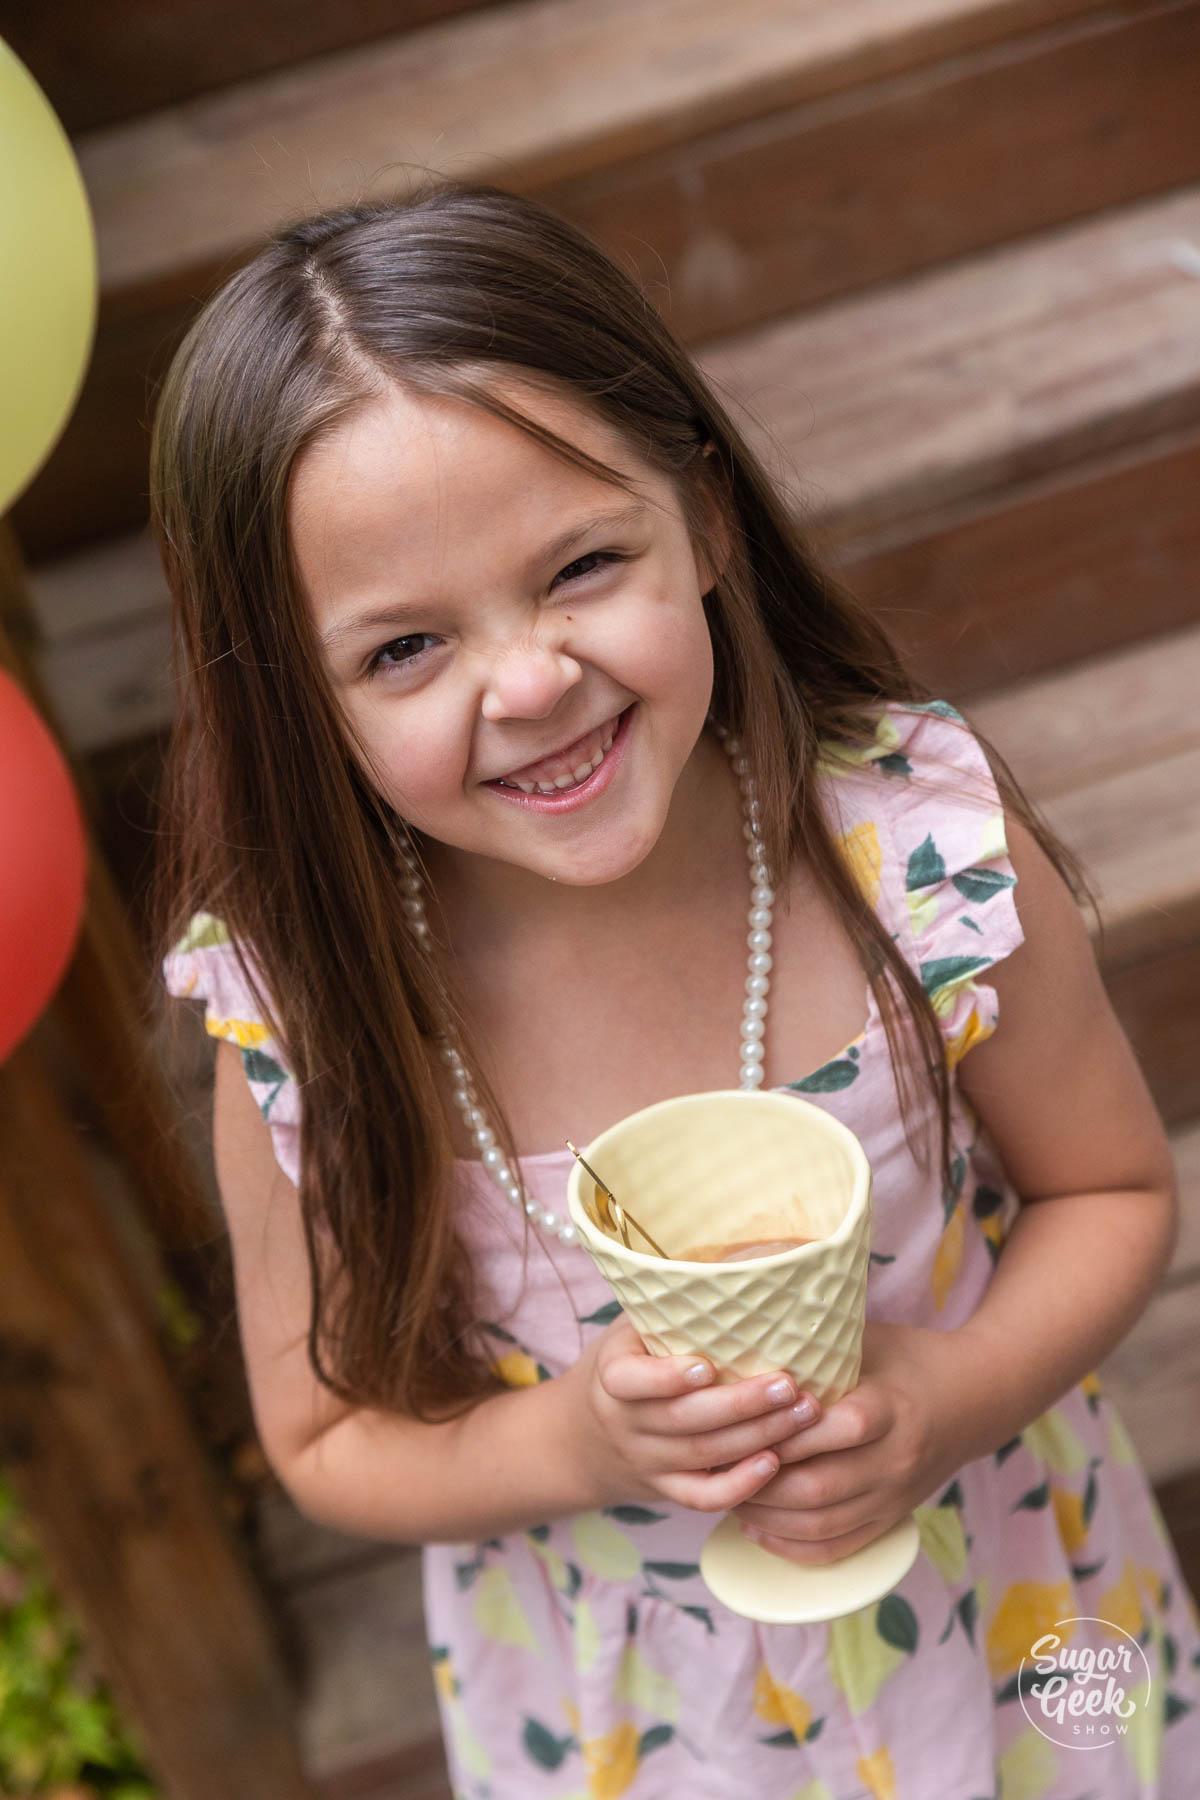 girl smiling with ceramic ice cream cone